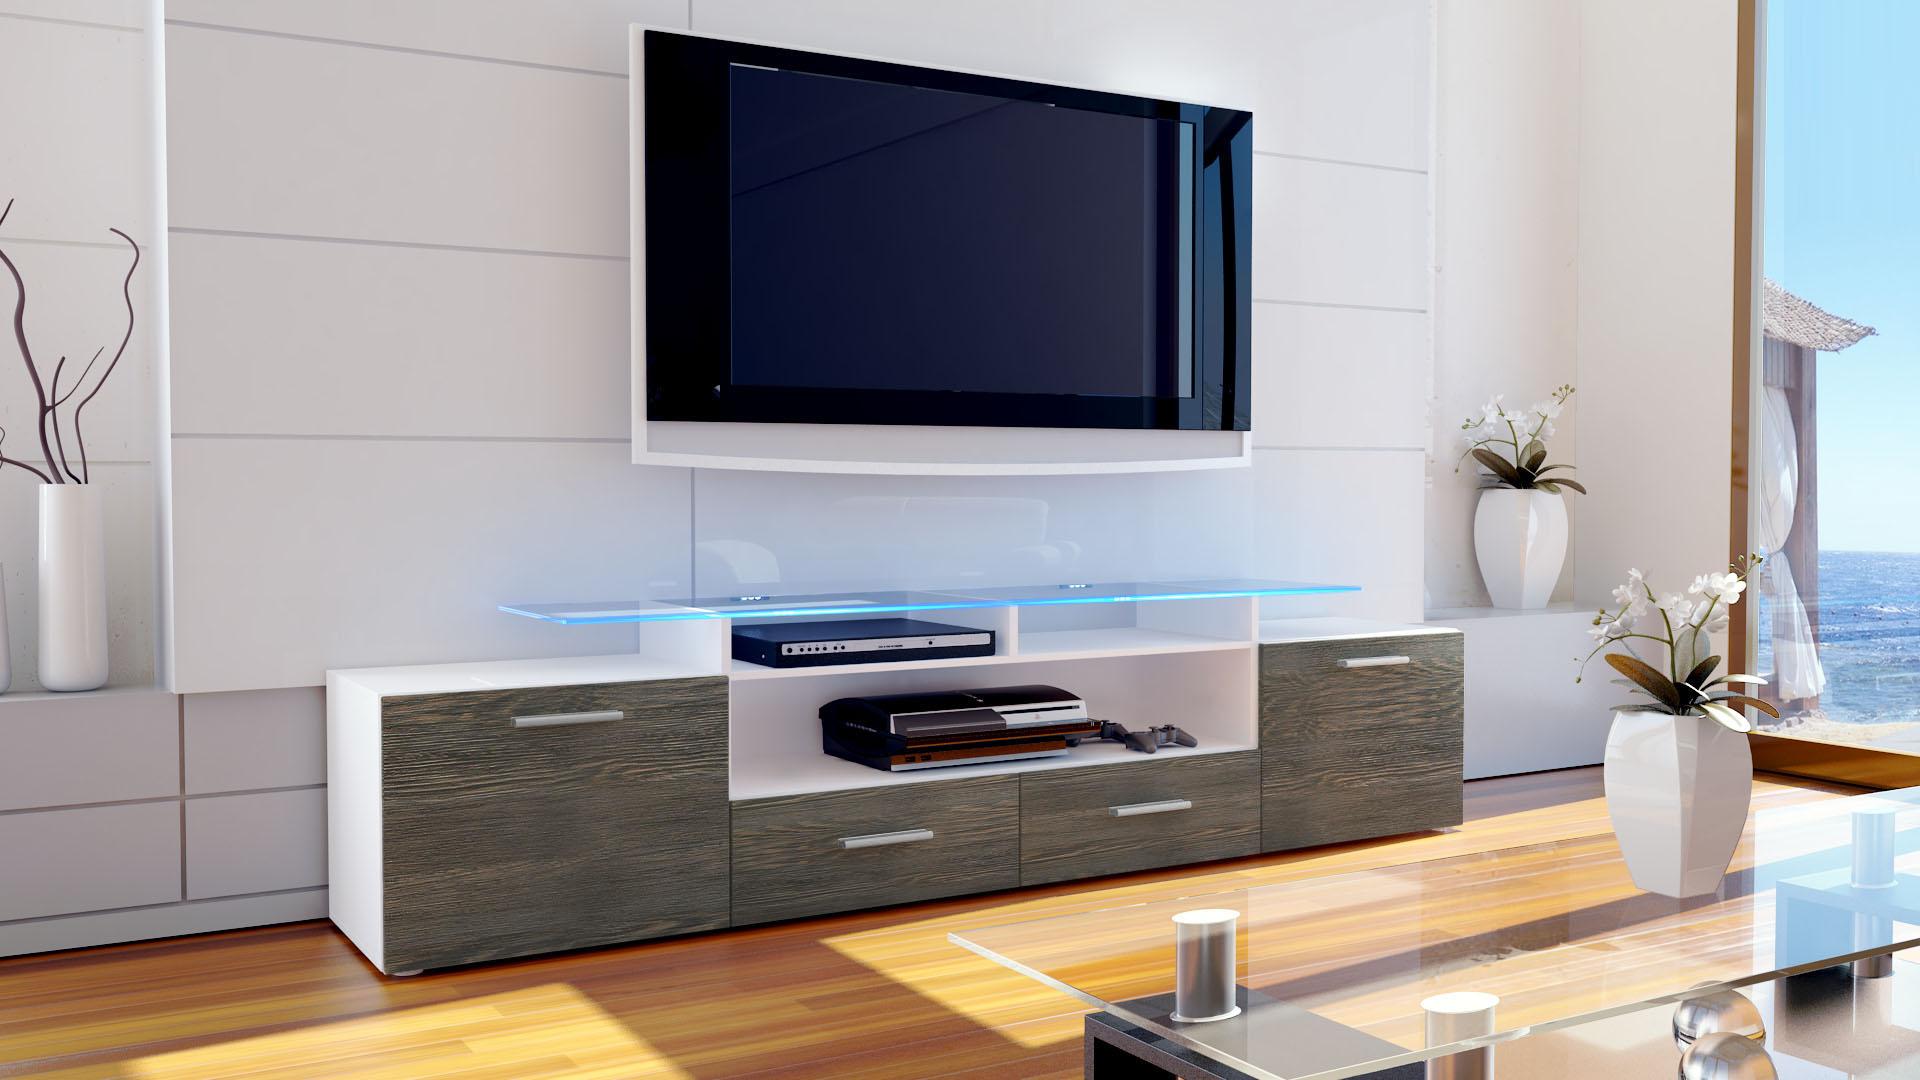 TV Lowboard Board Schrank Tisch Möbel Almada V2 in Weiß  # Lowboard Wenge Weiß